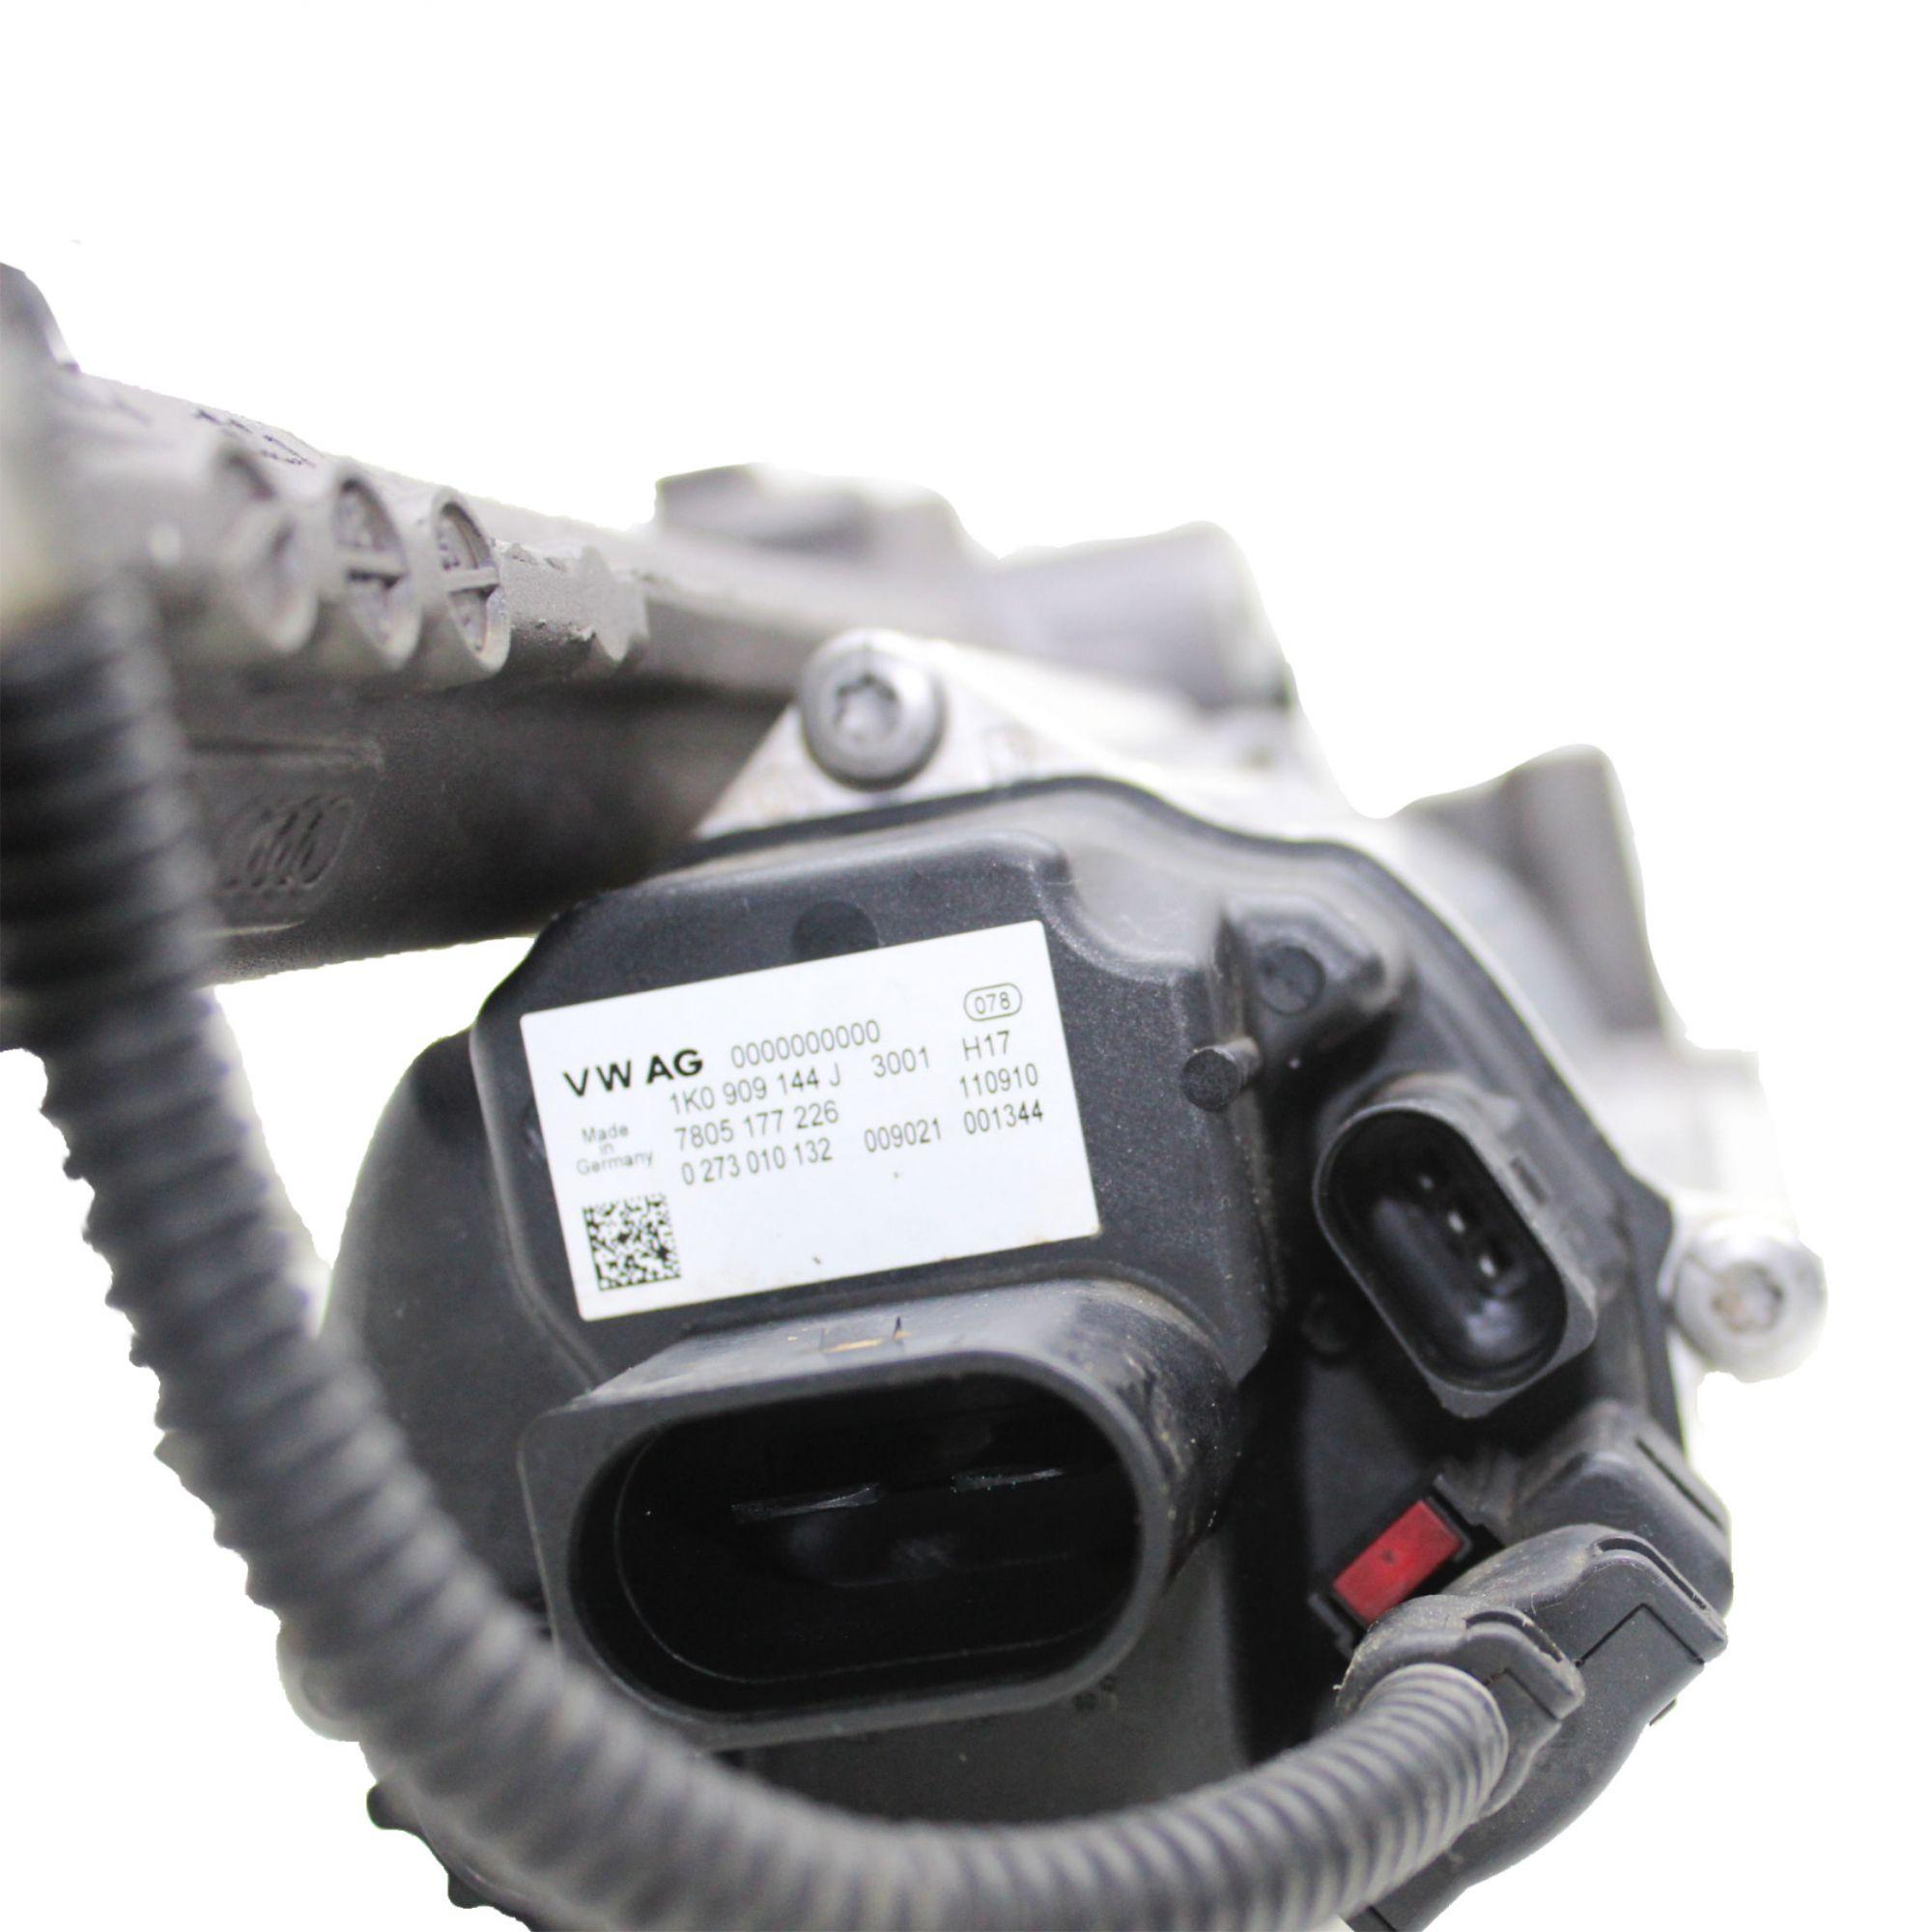 Caixa Direção Elétrica Jetta 11..., Passat 11..., A3 09...  - 1K0909144J